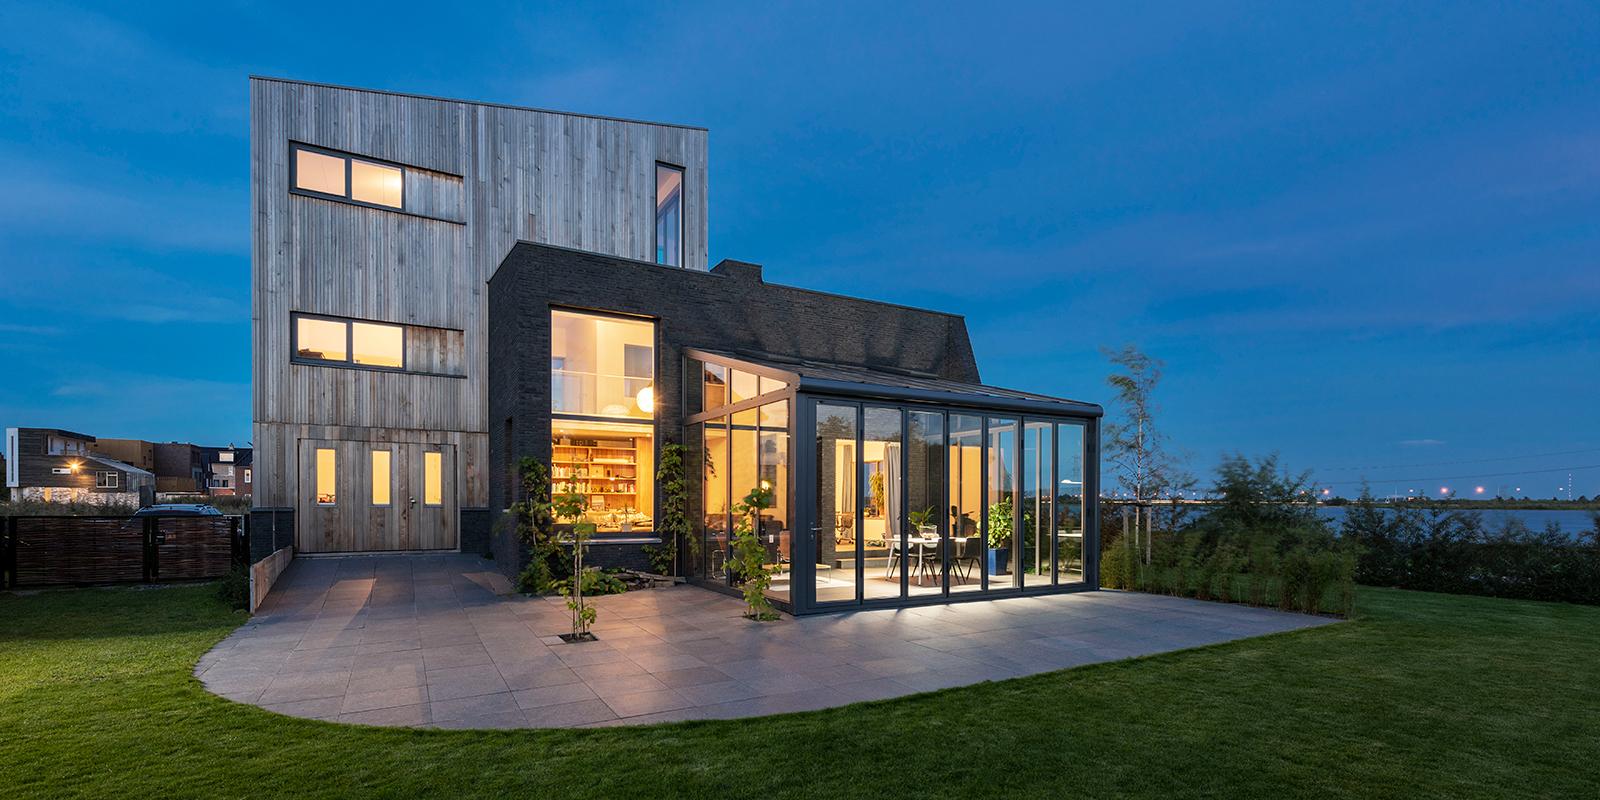 Glazen serre, Solarlux, veel lichtinval, grote raampartijen, serre, genieten, energiezuinige bouwstijl